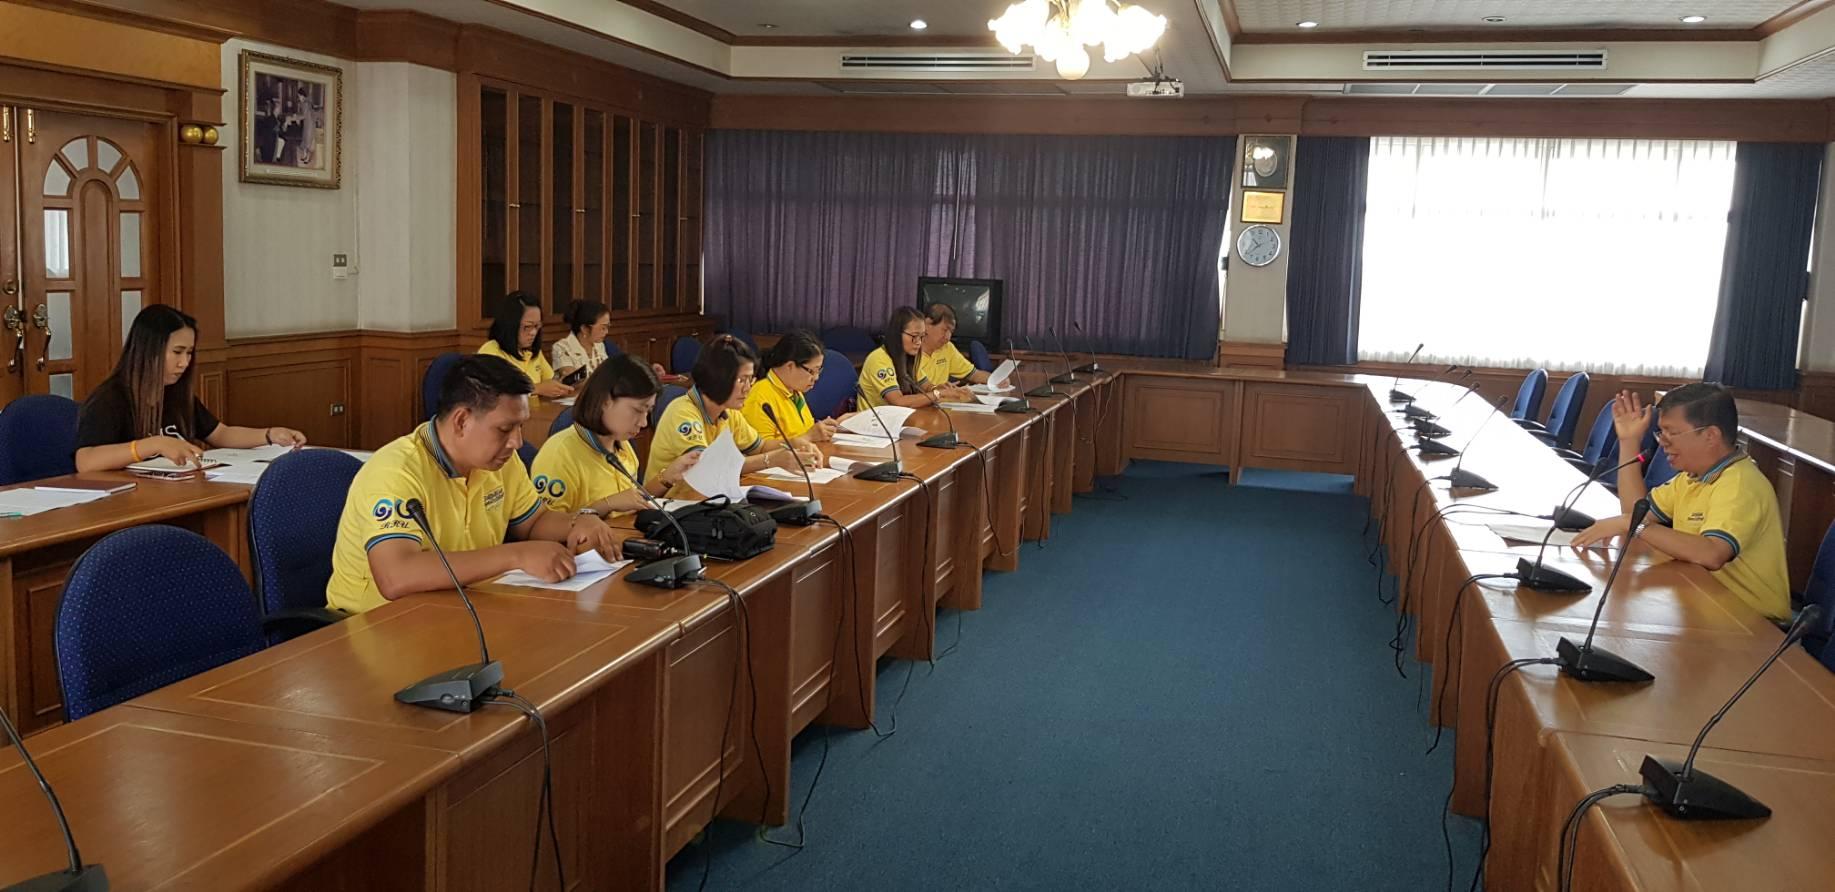 การประชุมคณะกรรมการบริหารความเสี่ยงและควบคุมภายใน ครั้งที่ 1/2561